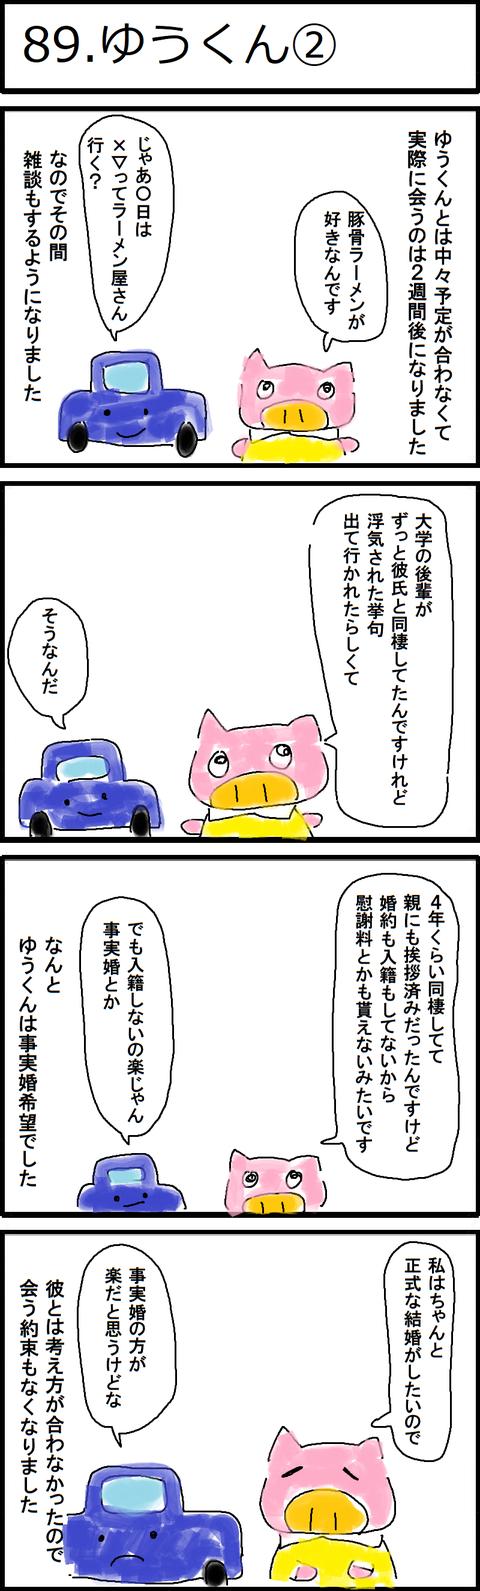 89.ゆうくん②